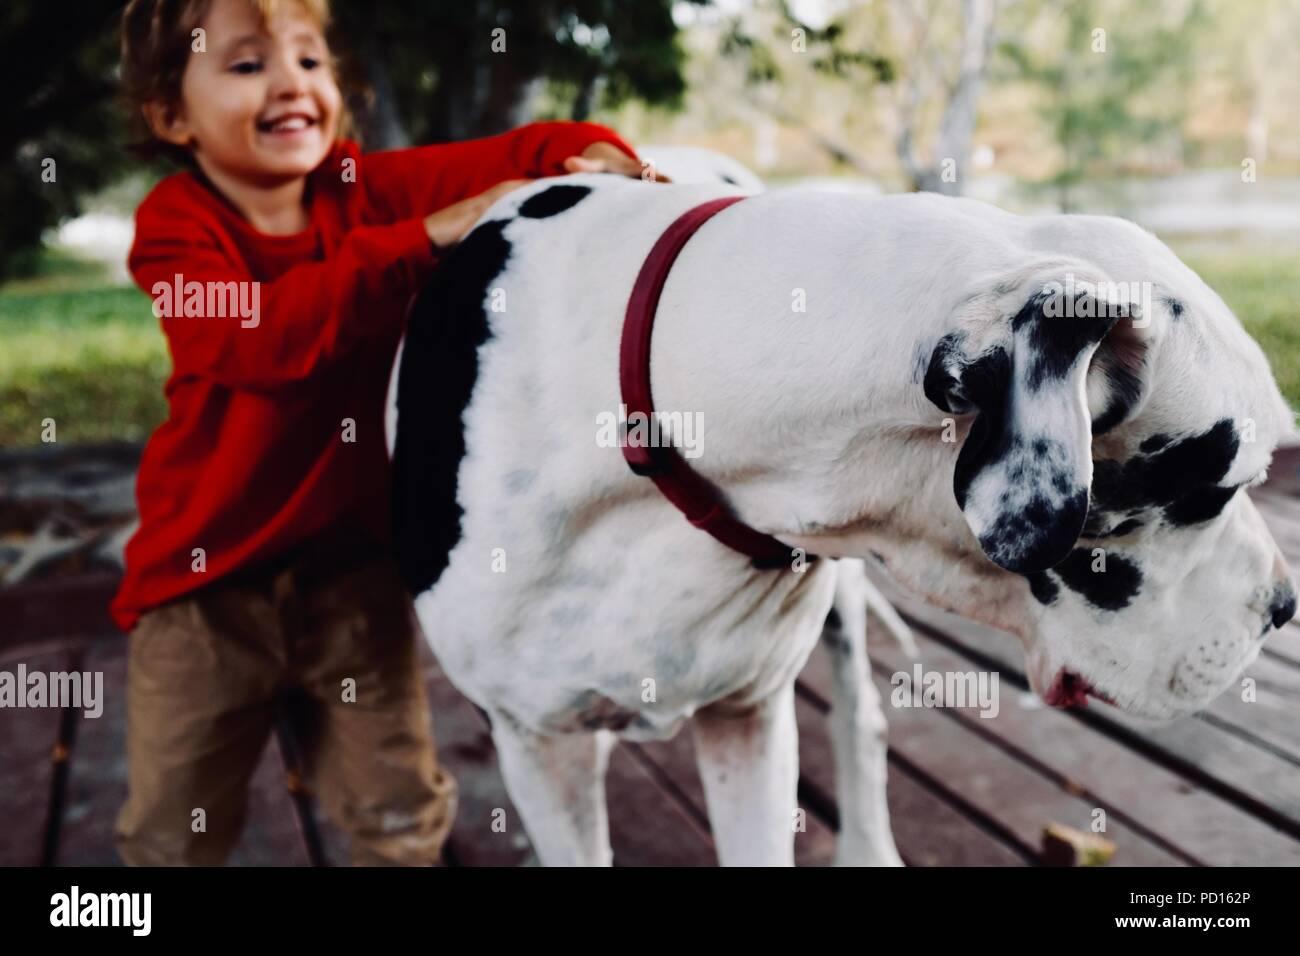 Una joven sonrisas y abrazos con un blanco y negro perro, Great Dane Booroona sendero en el Ross River, Rasmussen QLD 4815, Australia Imagen De Stock